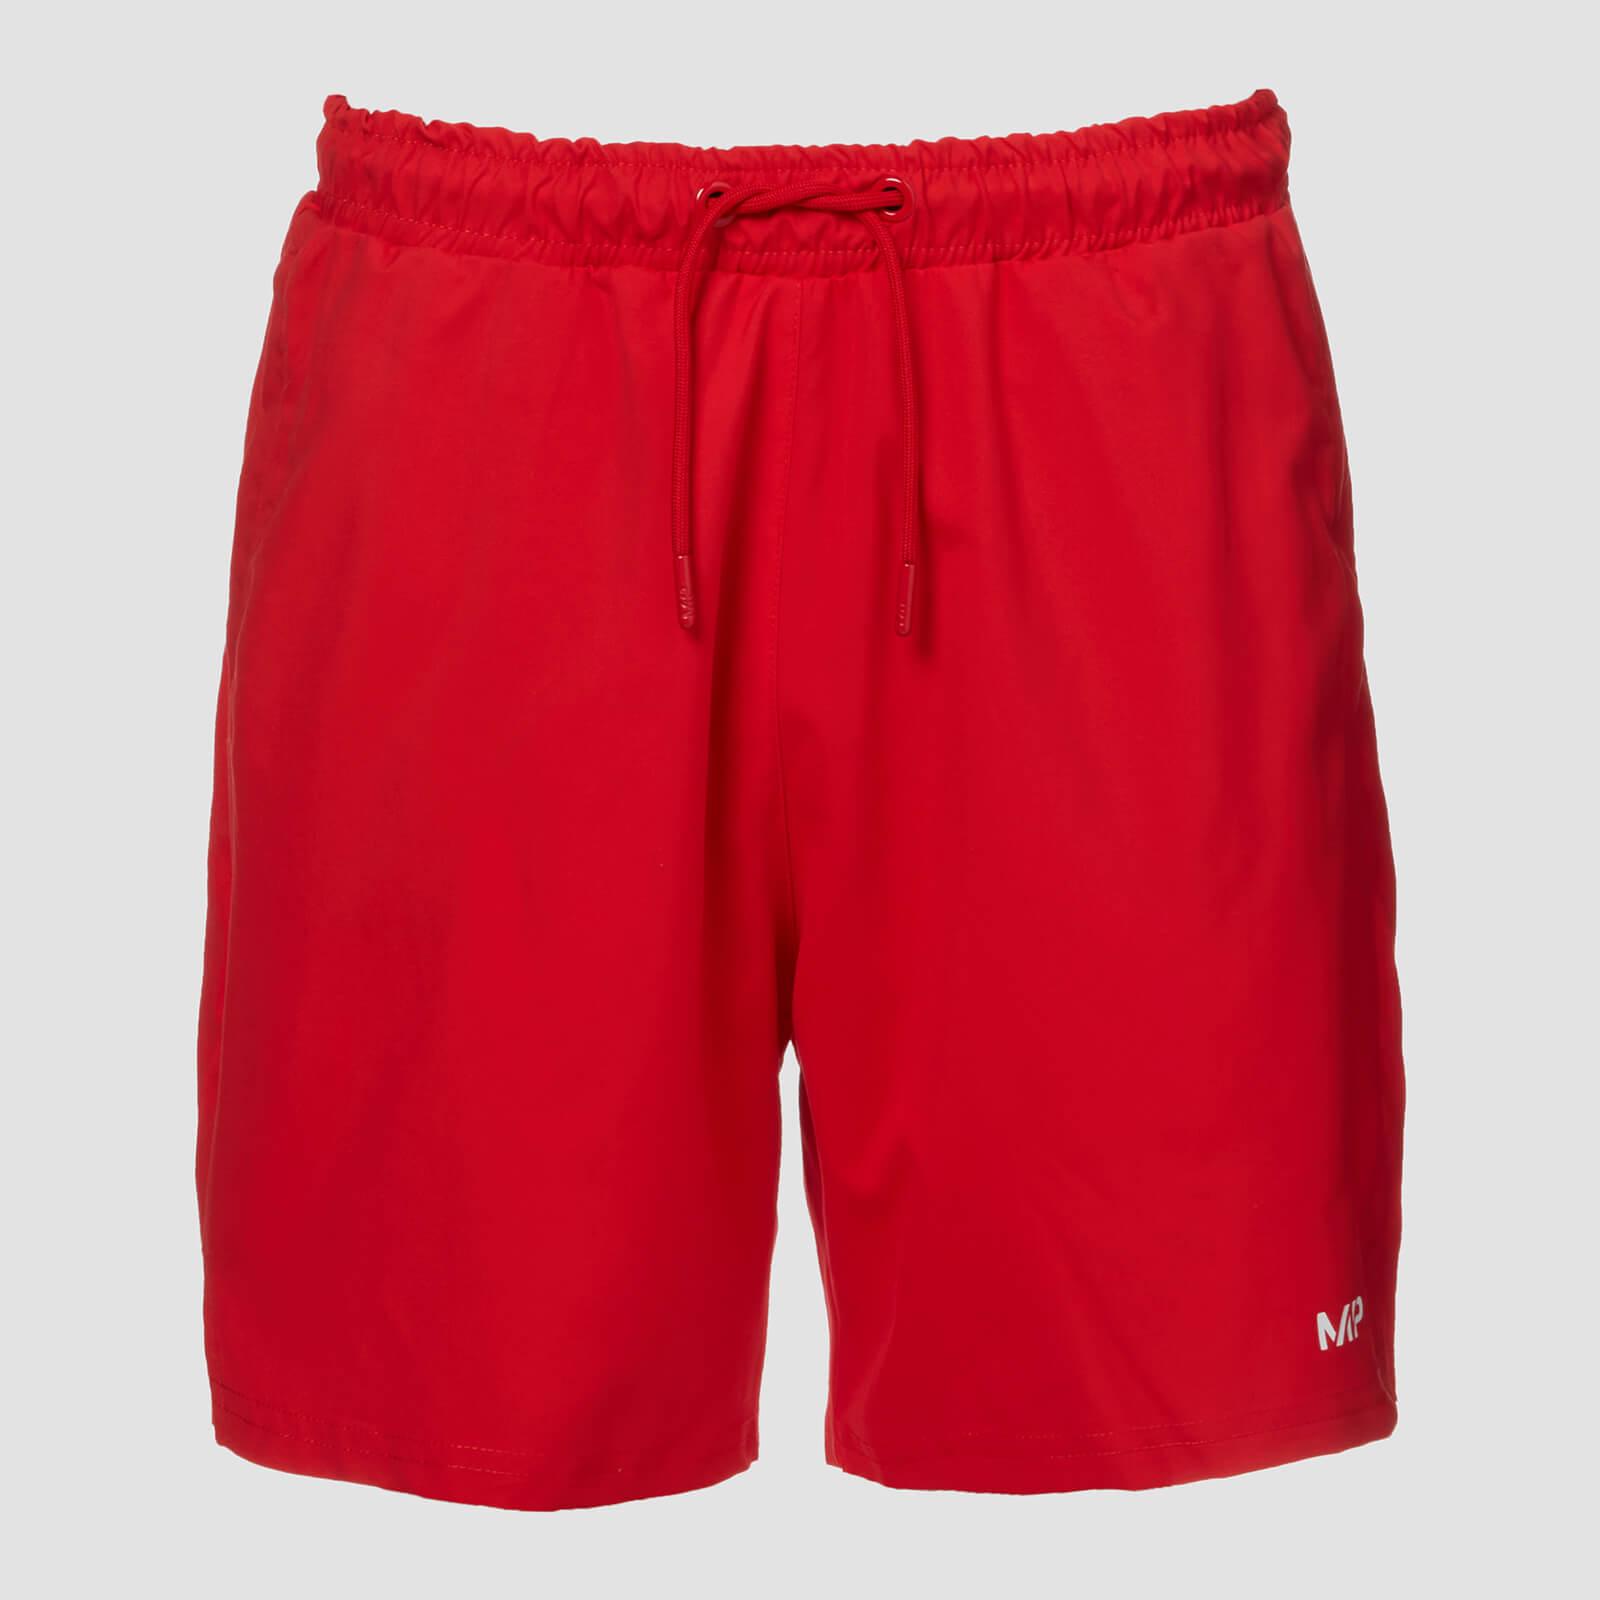 Myprotein Pacific Swim Shorts - Danger - M